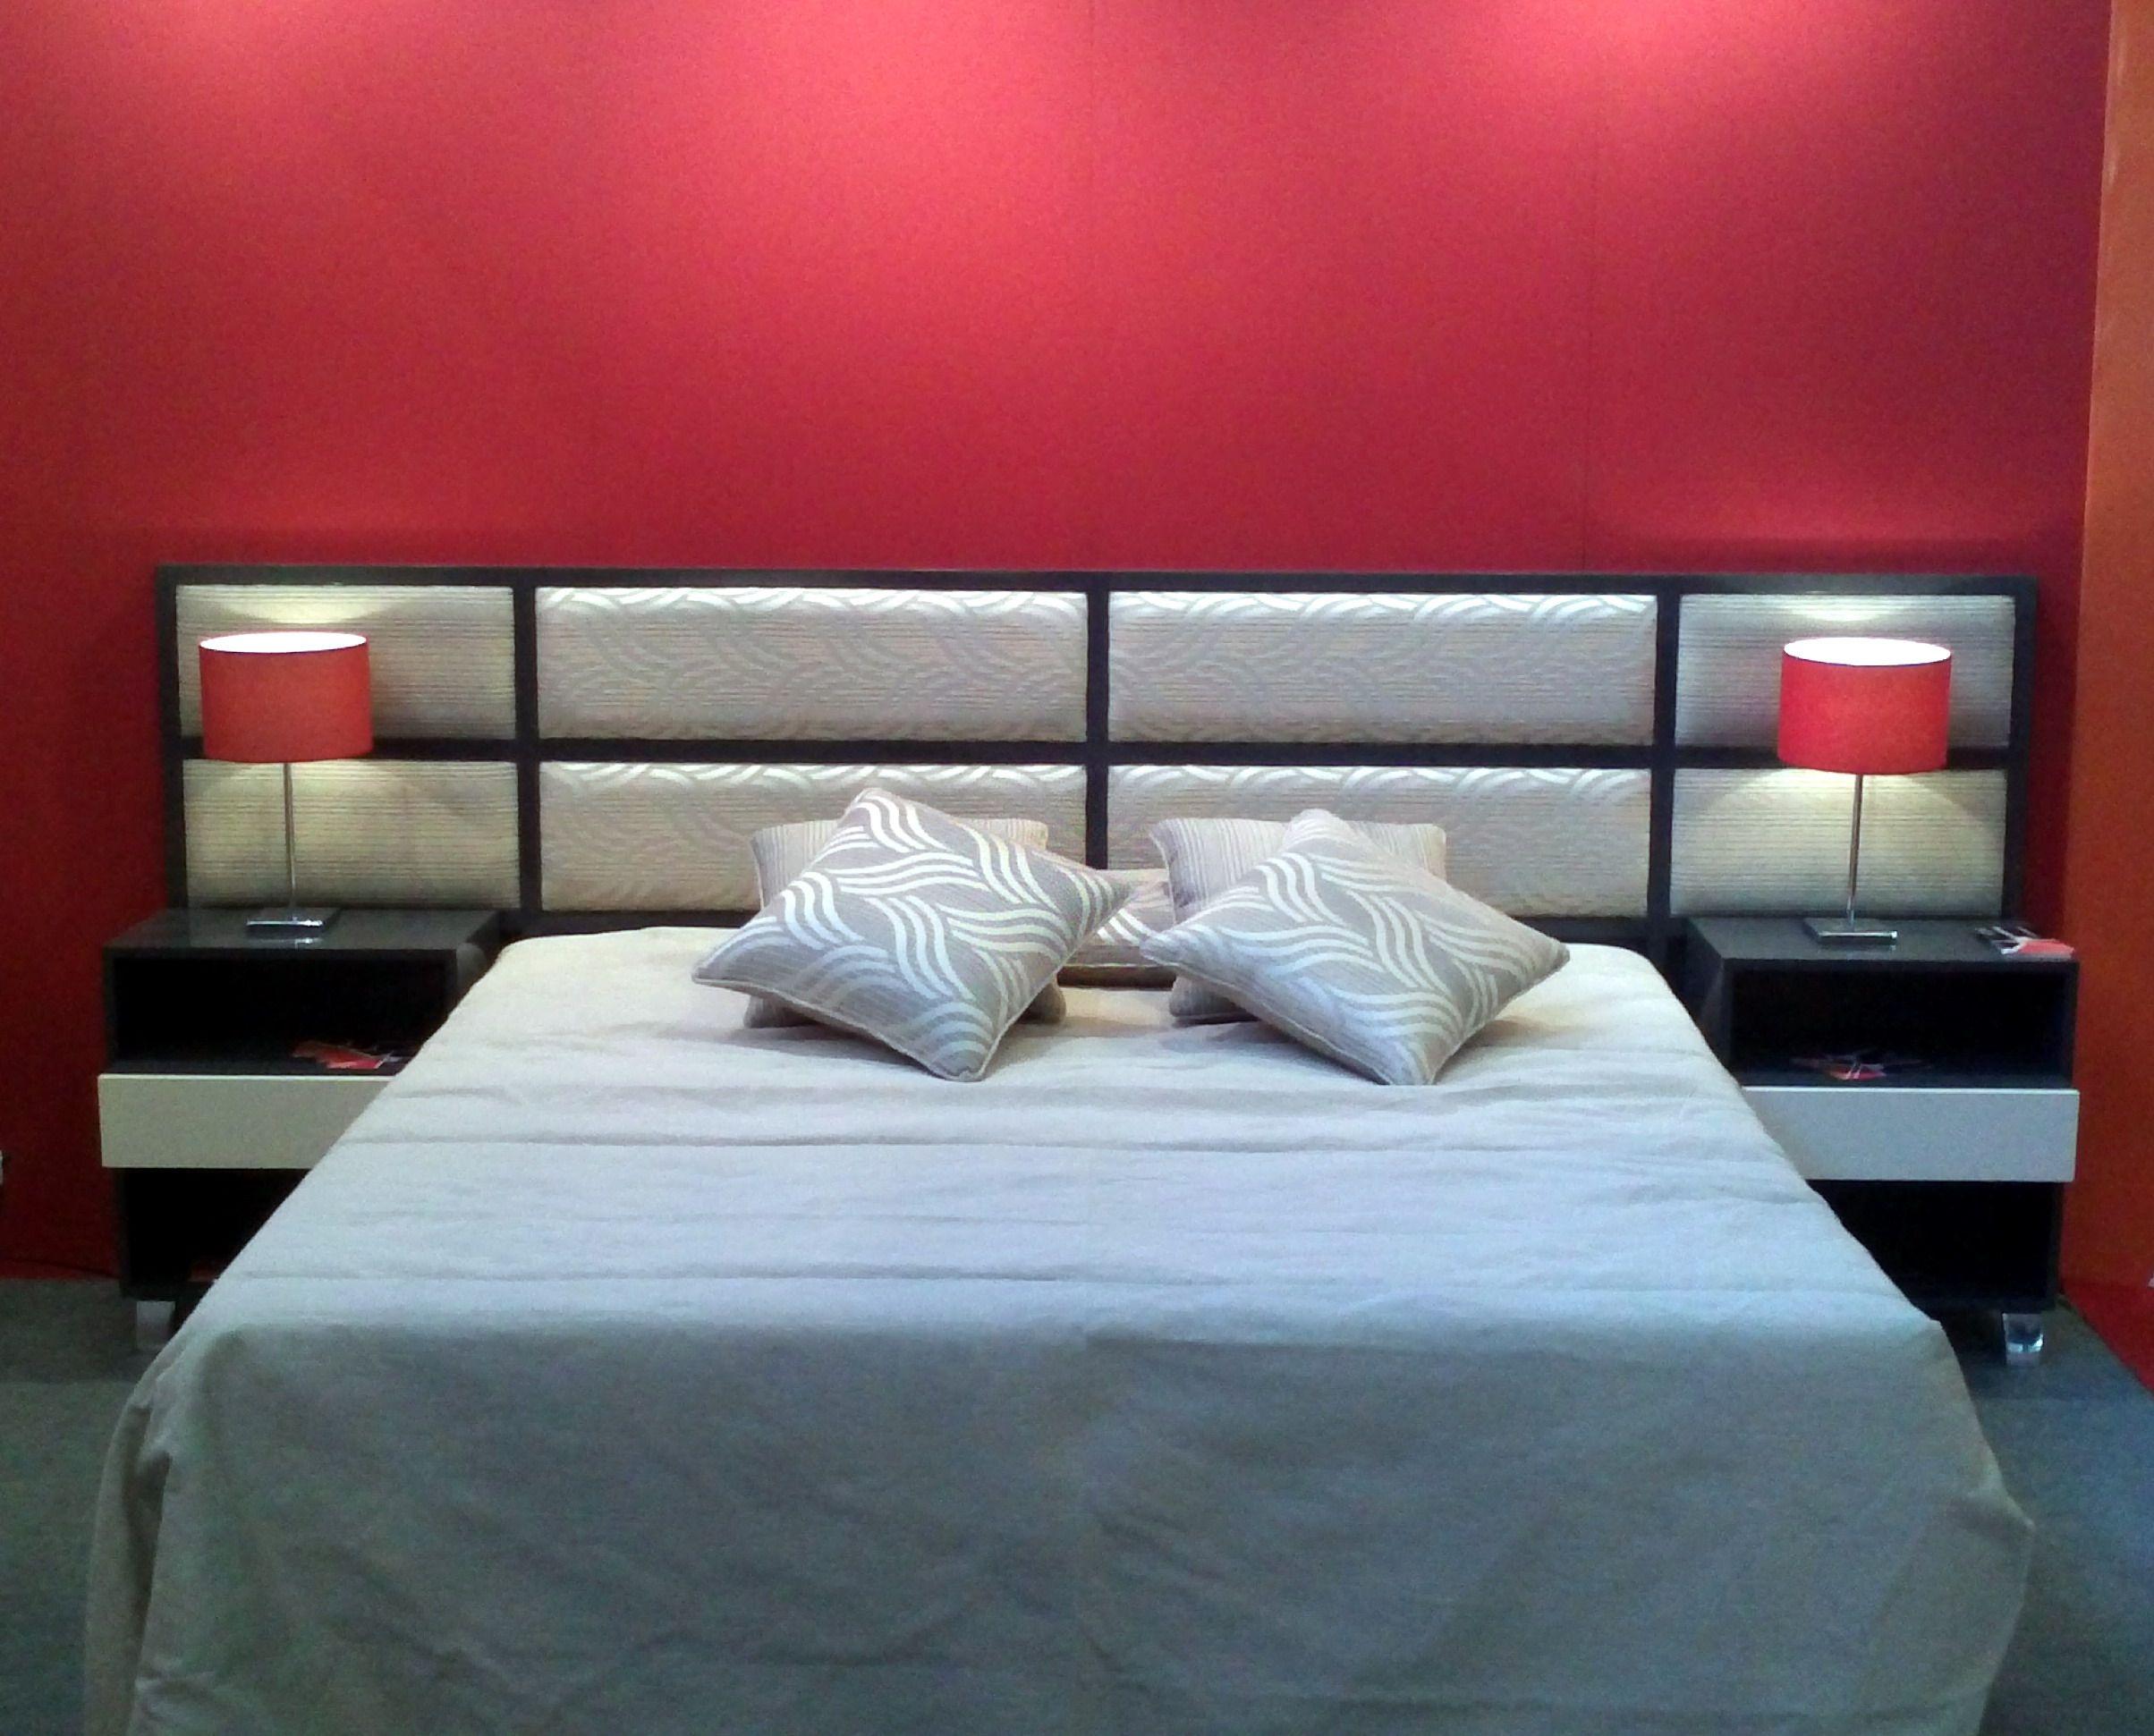 Juego De Dormitorio Con Respaldo Tapizado Que Incluye Las Mesas De Luz Laqueado Al Poliuretano Mesitas De Luz Al Tono Dormitorios Juego De Dormitorio Muebles